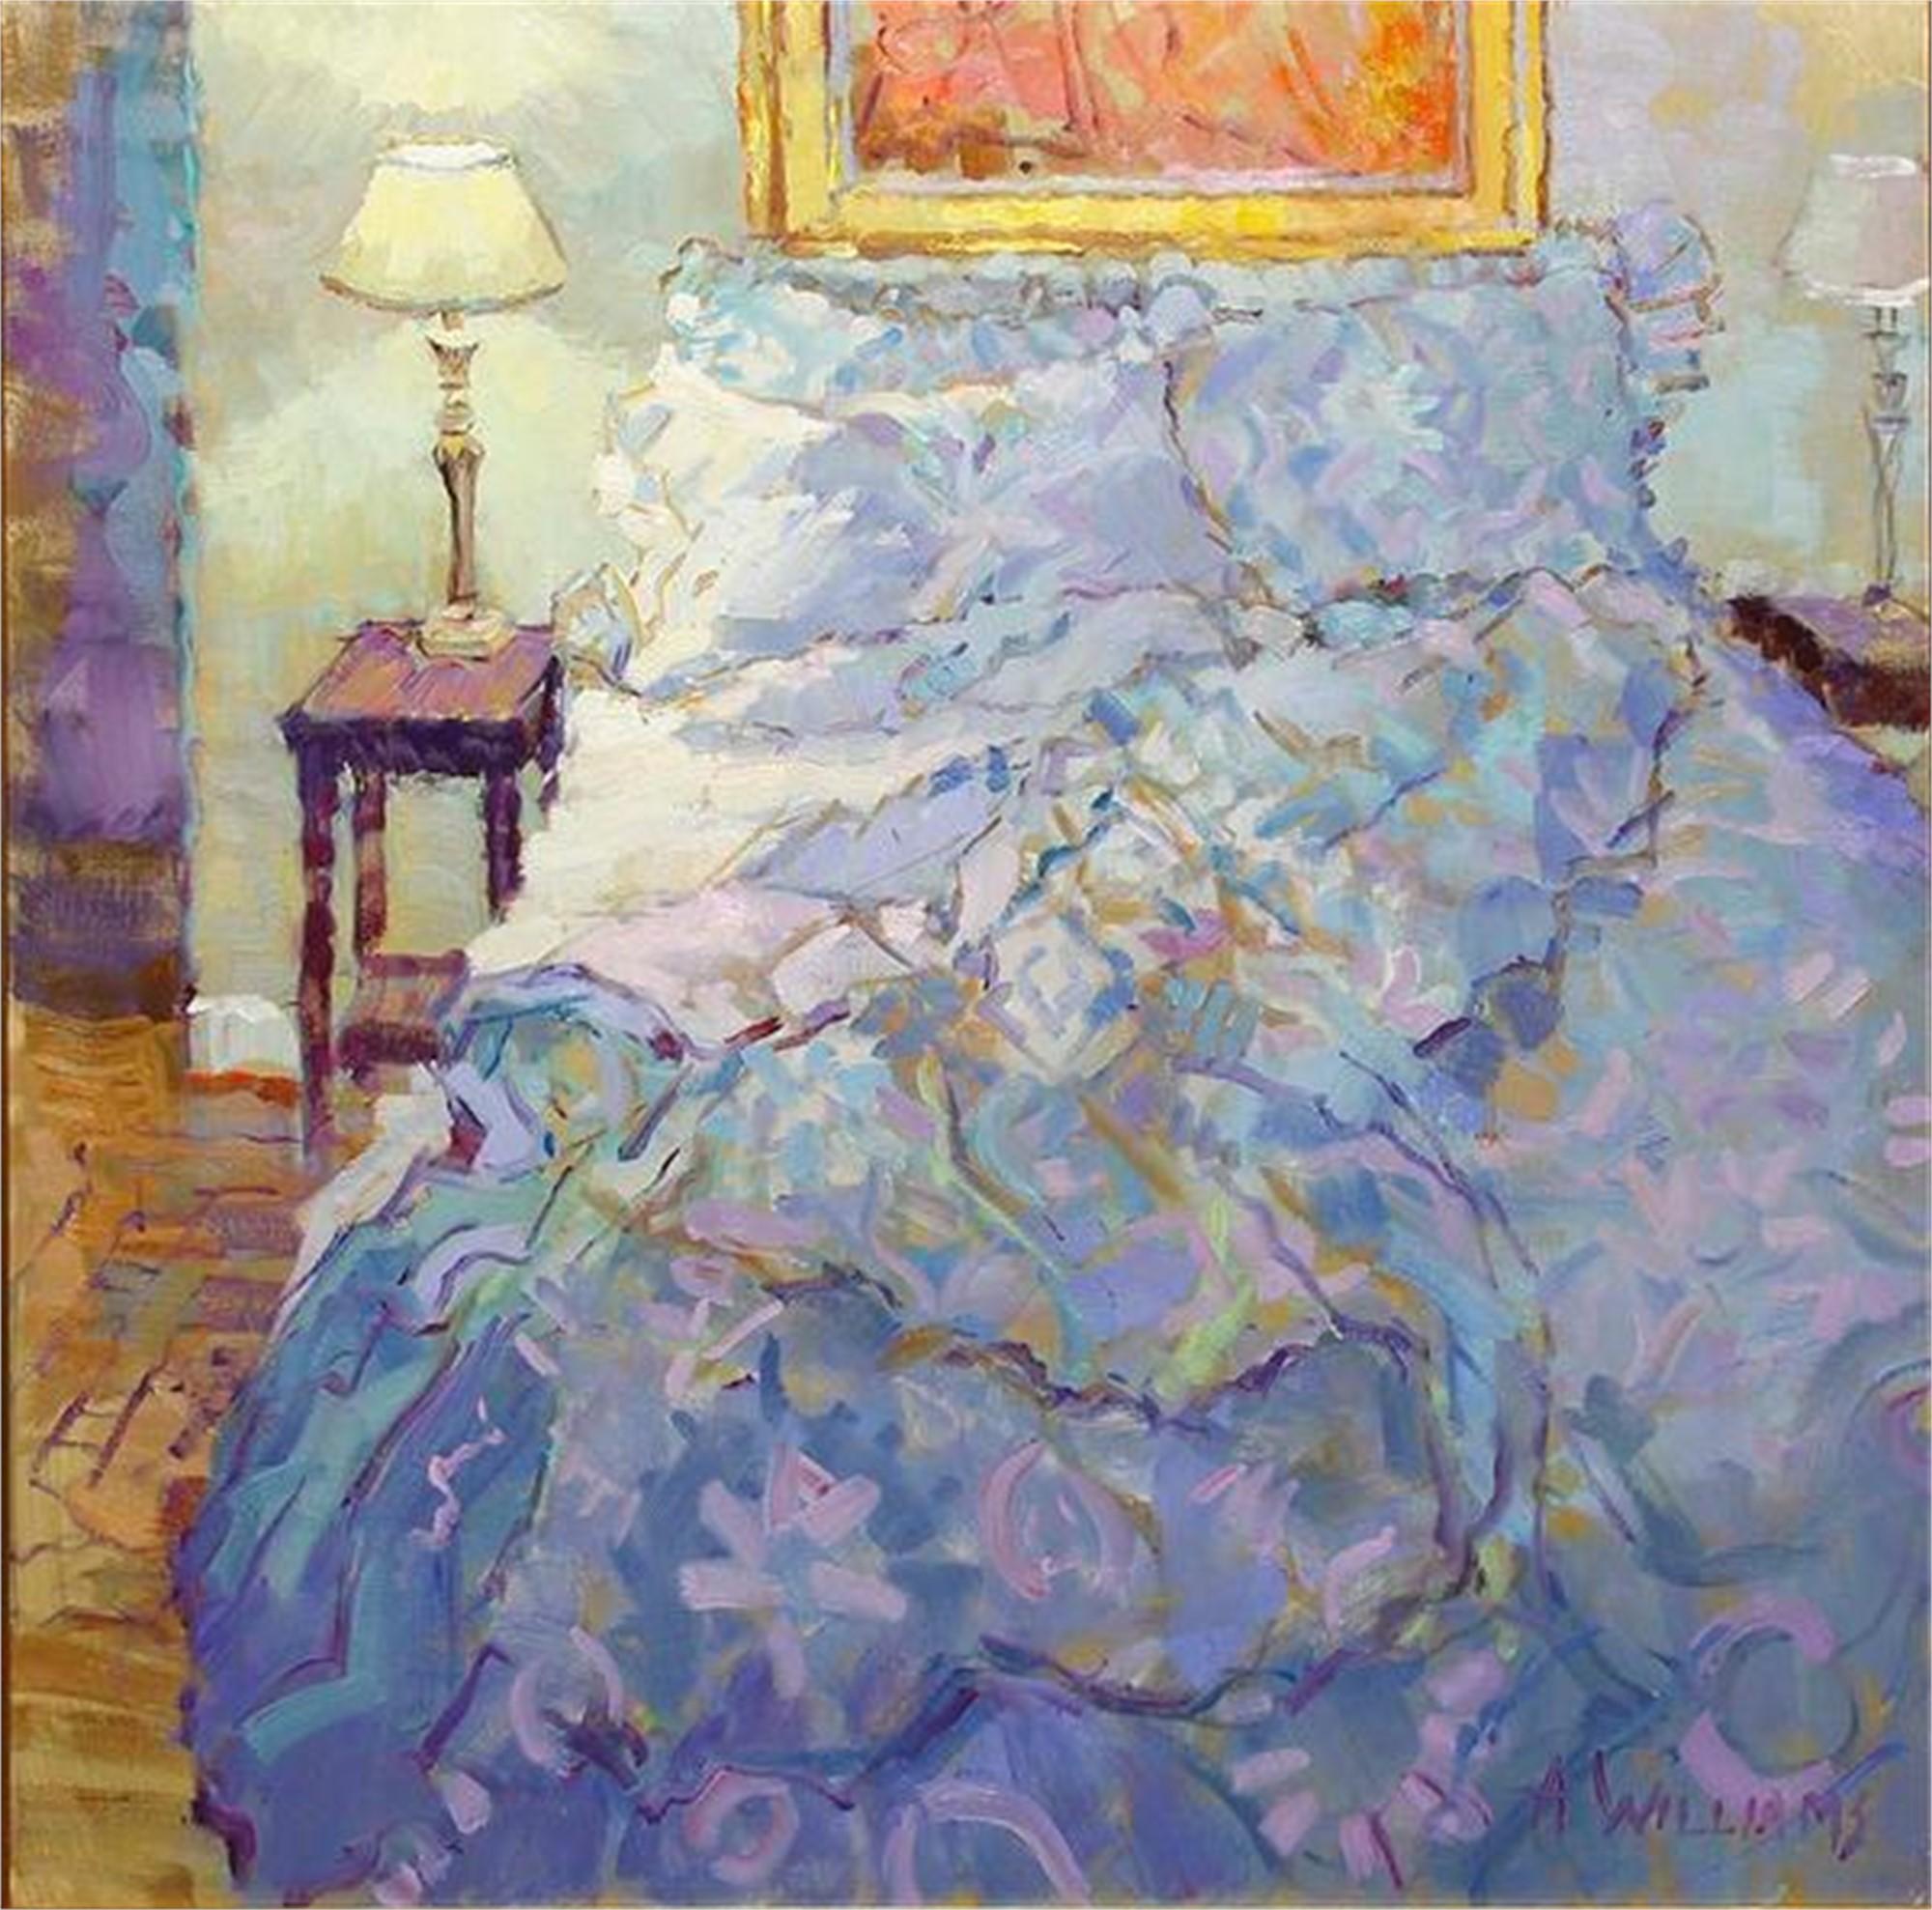 La Chambre Bleue II by Alice Williams